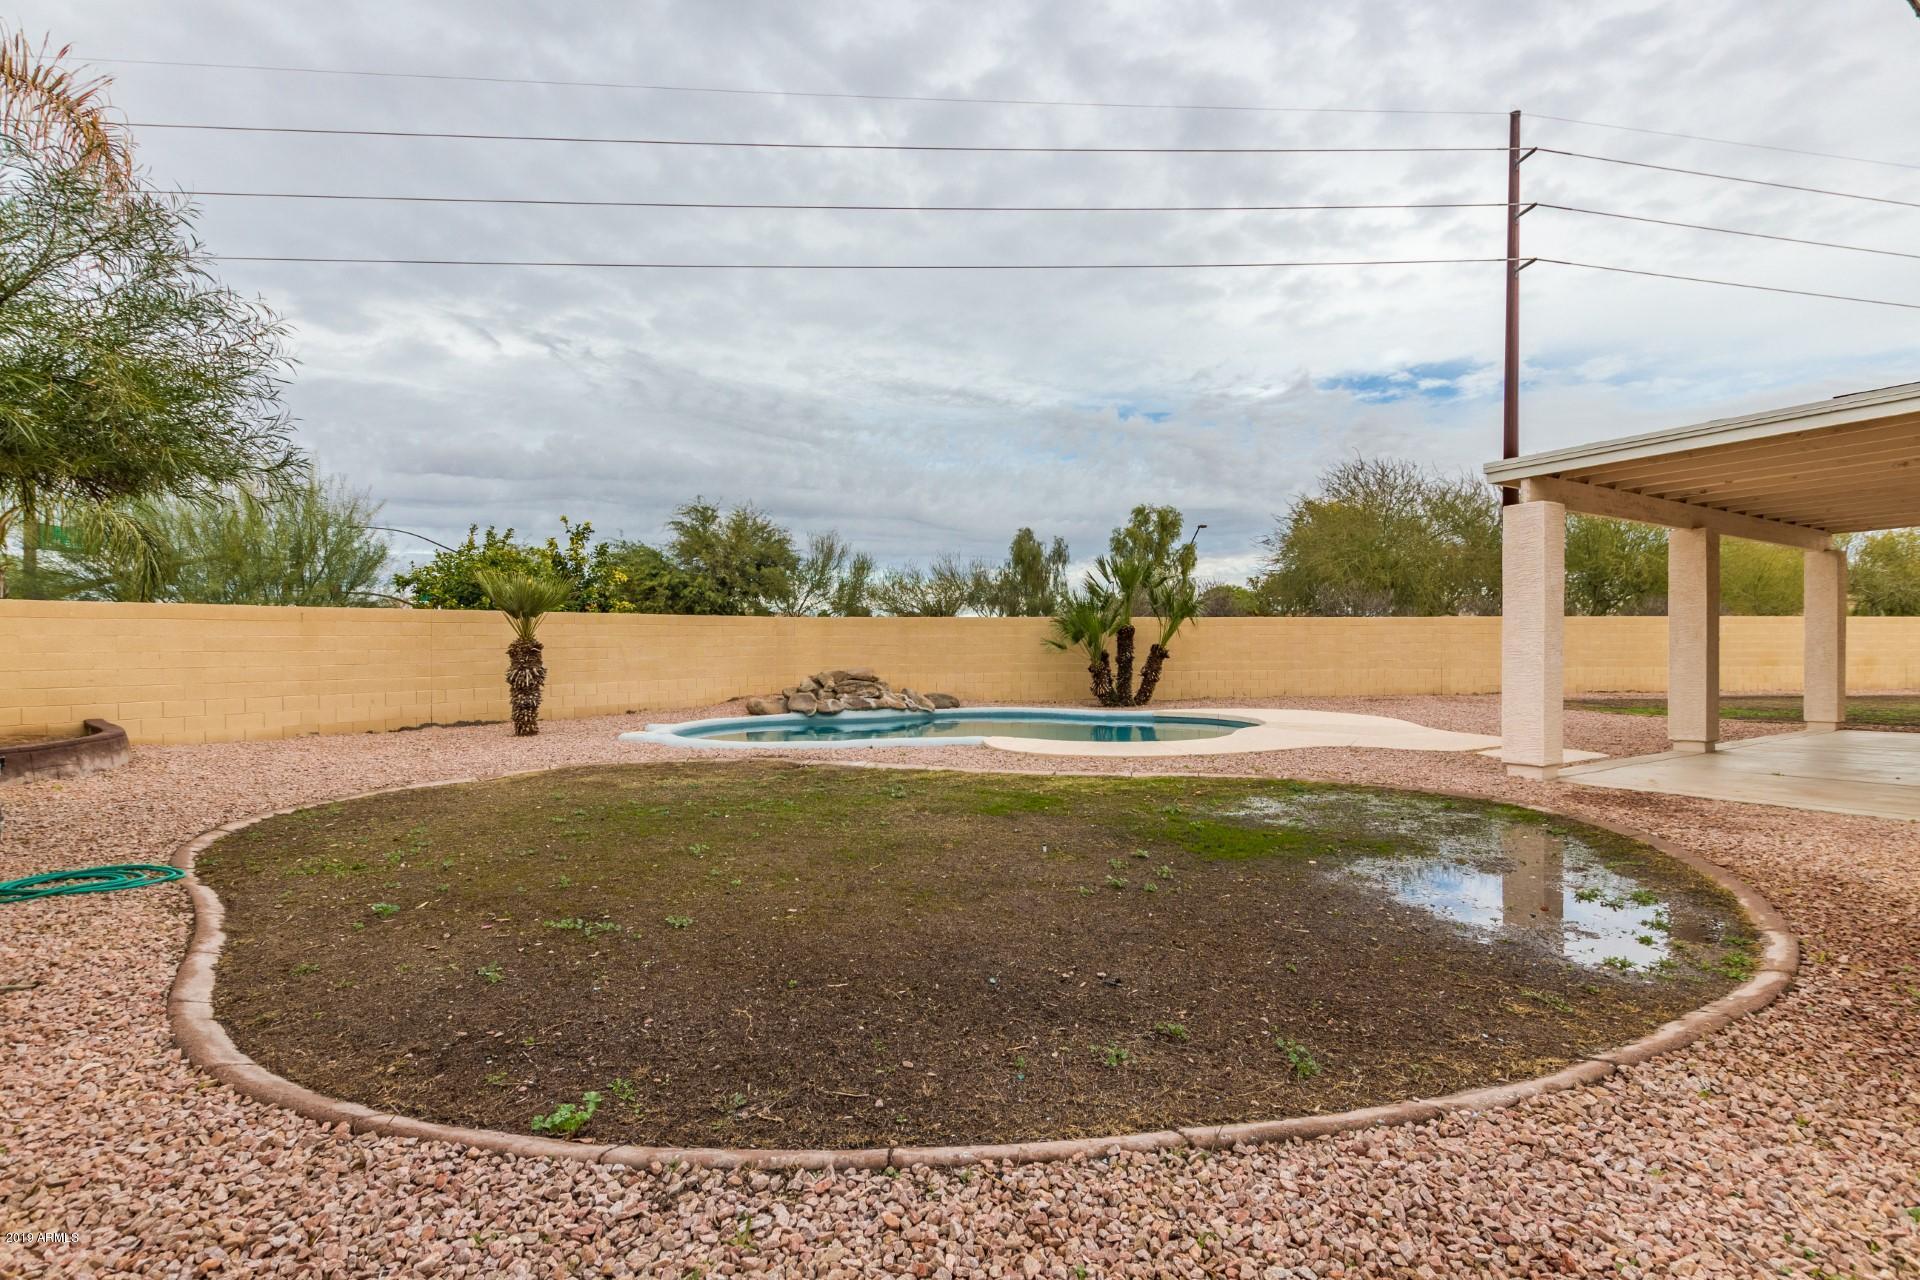 MLS 5869789 3524 E DERRINGER Way, Gilbert, AZ 85297 Gilbert AZ REO Bank Owned Foreclosure